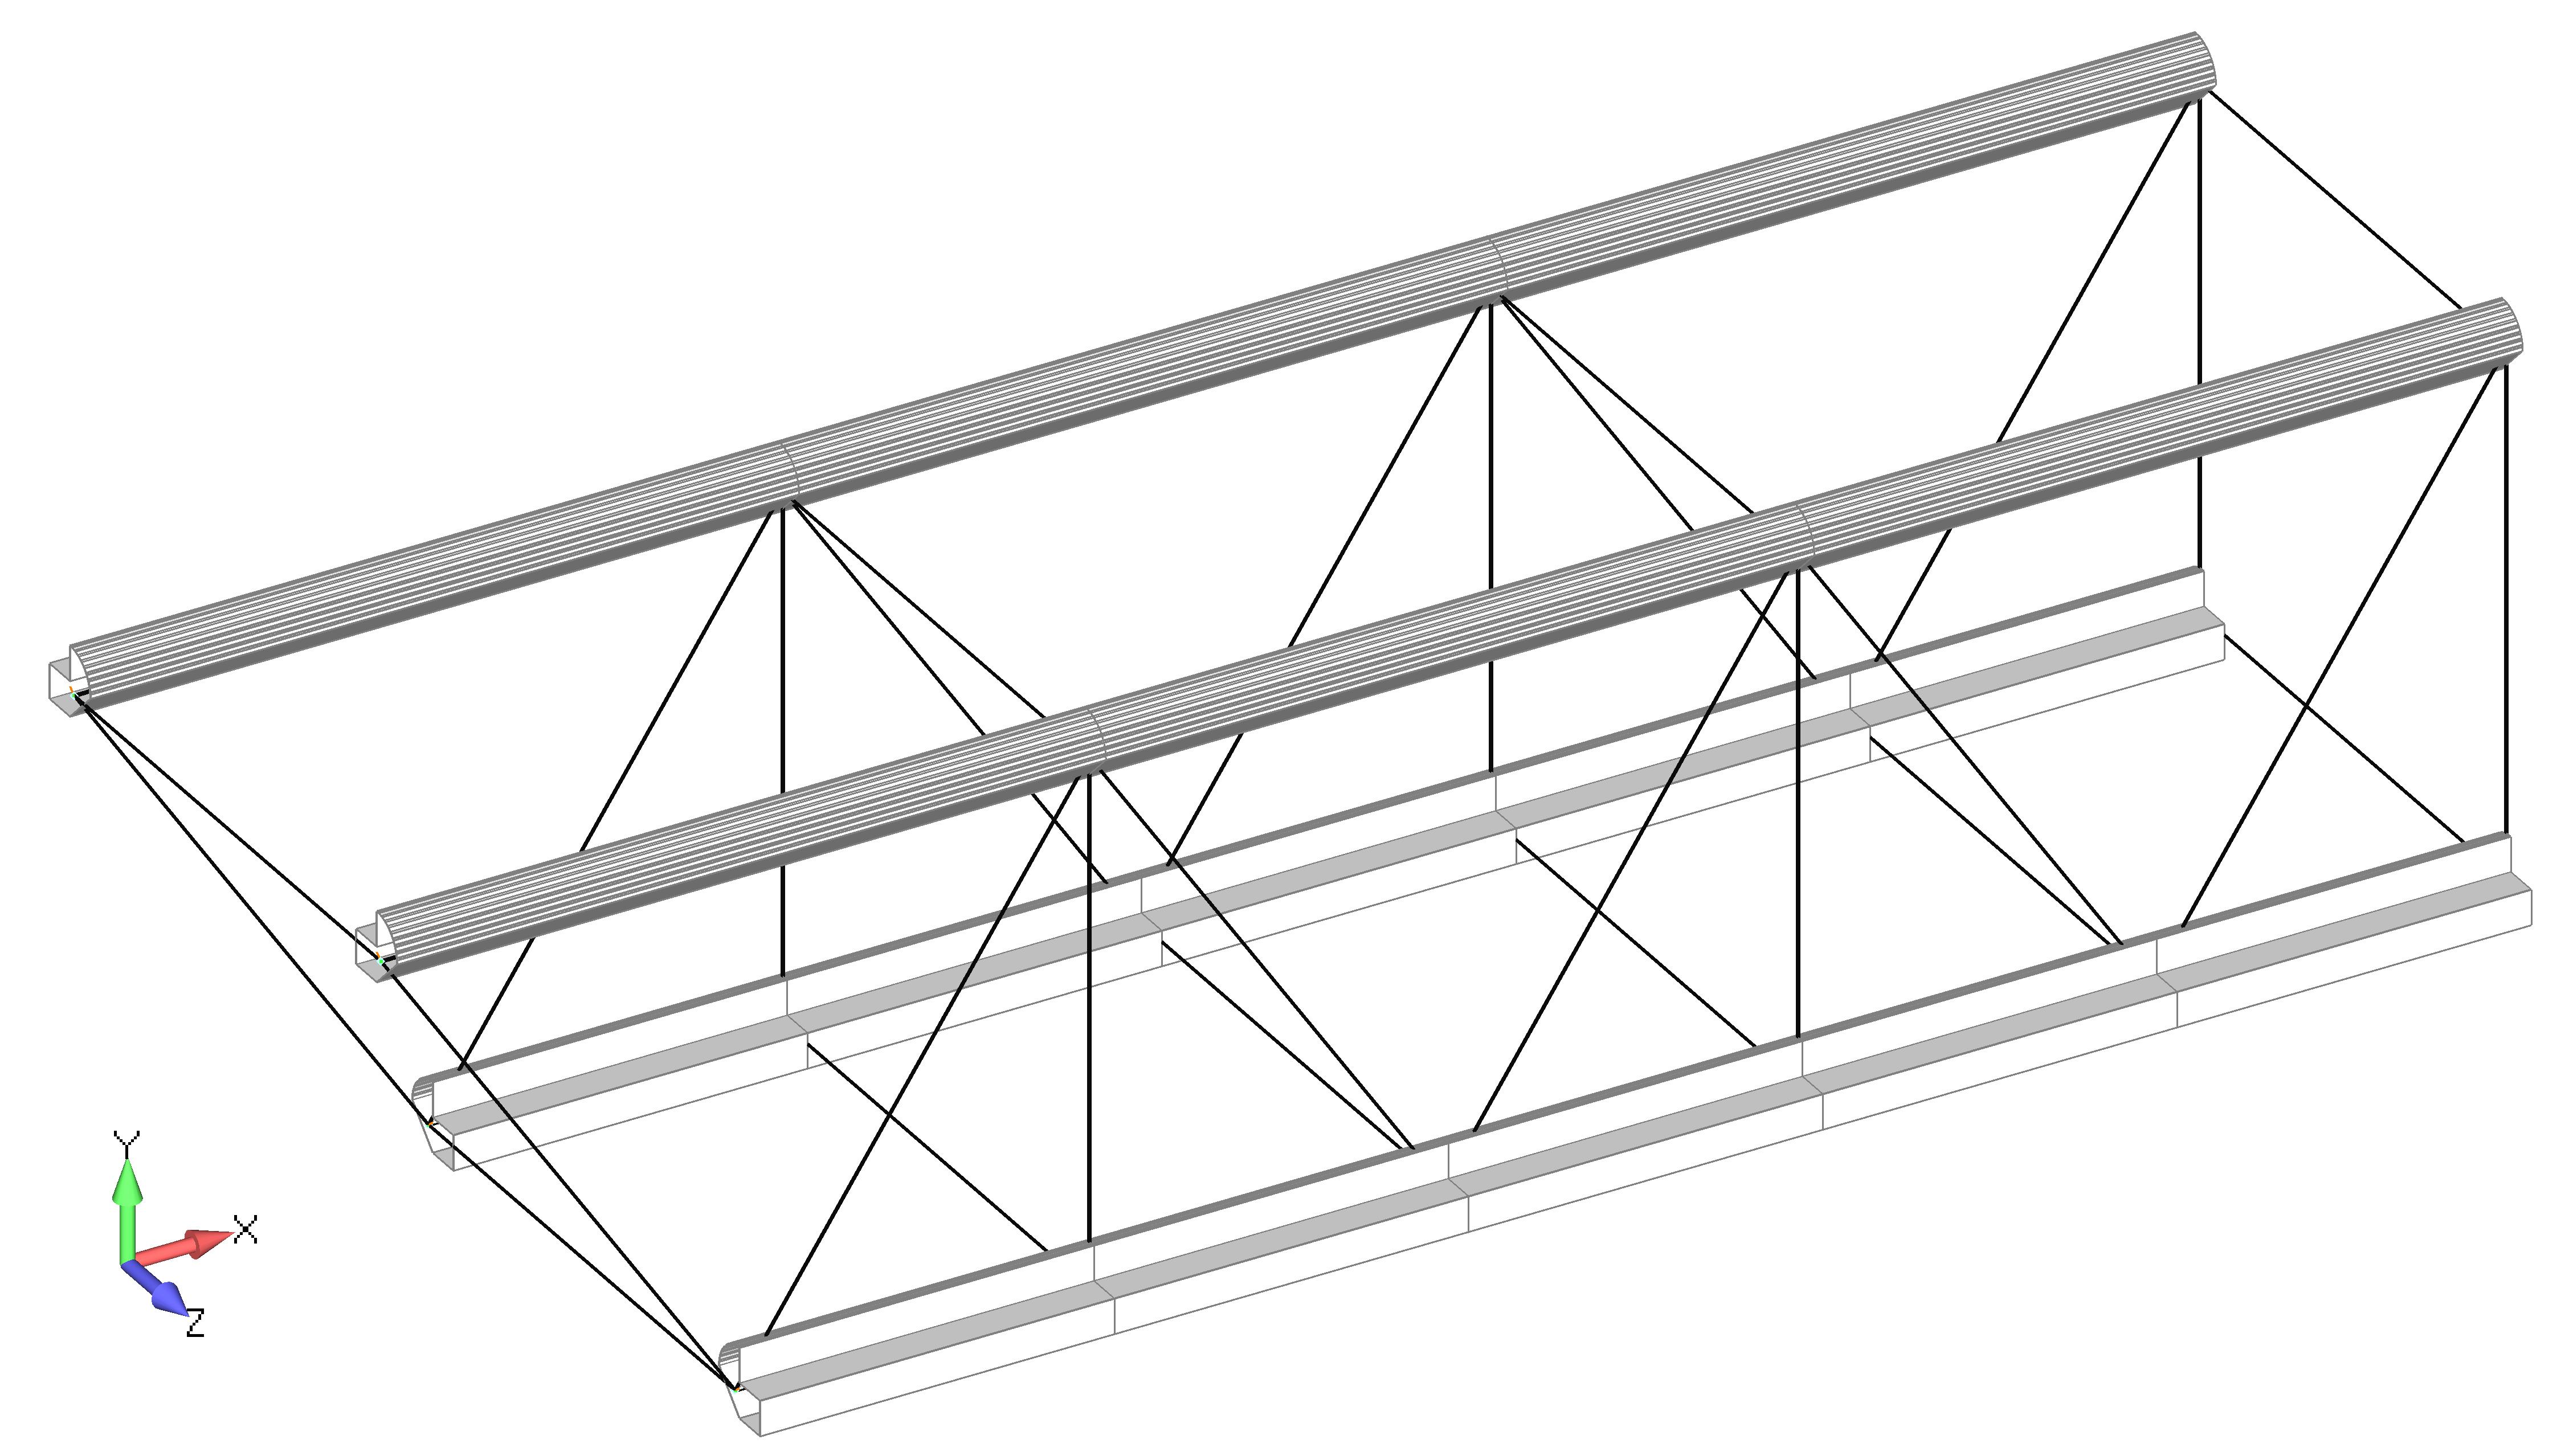 Femap NX Nastran Отображение балочных КЭ (Beam) с видимыми поперечными сечениями